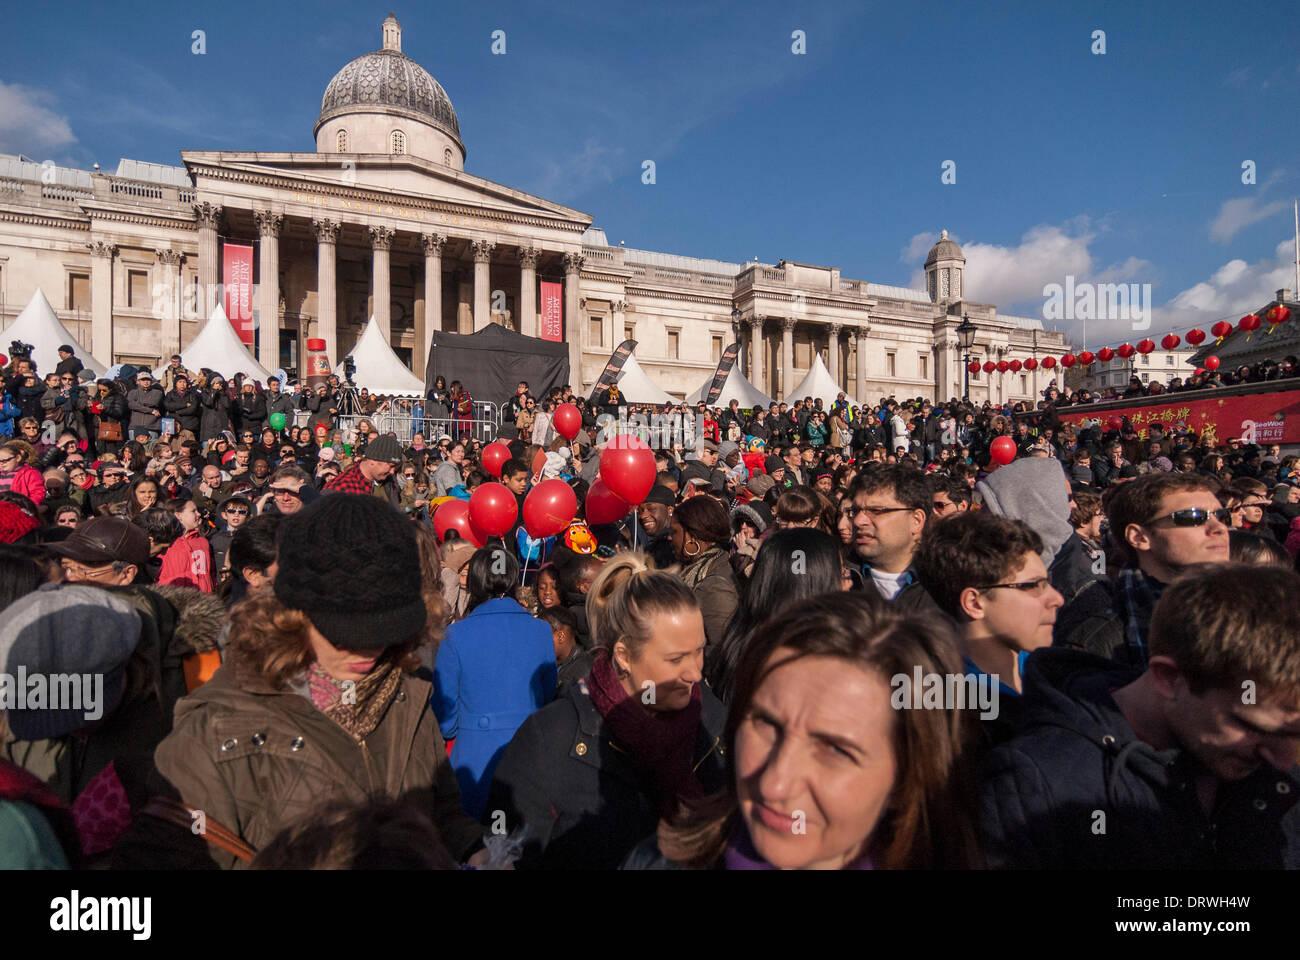 Trafalgar Square, Londres, Royaume-Uni. 2 février 2014. Des milliers viennent de Chinatown et de Trafalgar Square pour célébrer l'année de l'Horse Crédit: Stephen Chung/Alamy Live News Photo Stock